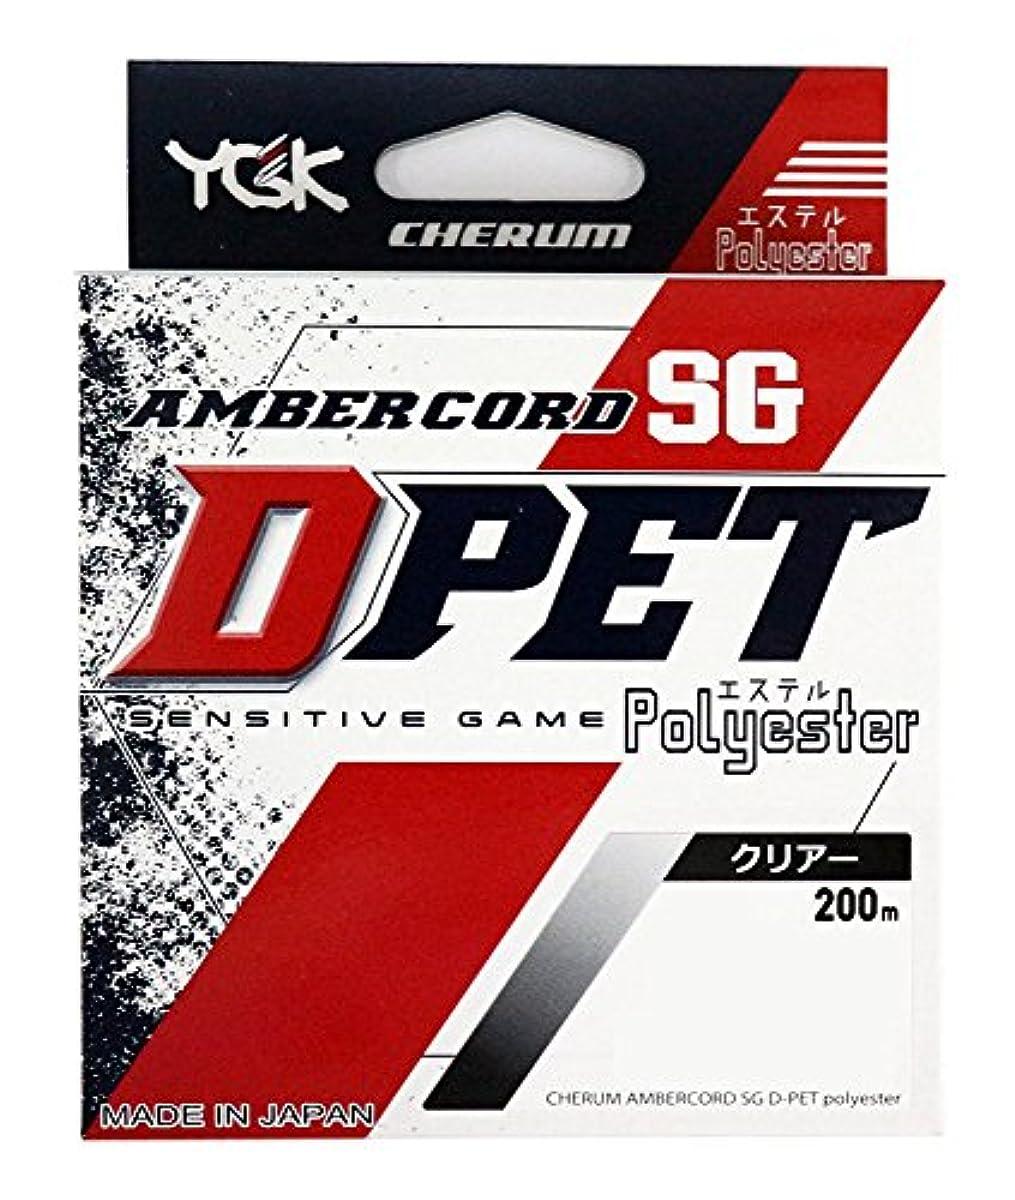 [해외] 요쯔아미 에스테르 라인 최루무 엠버 코드 SG D-PET 200M